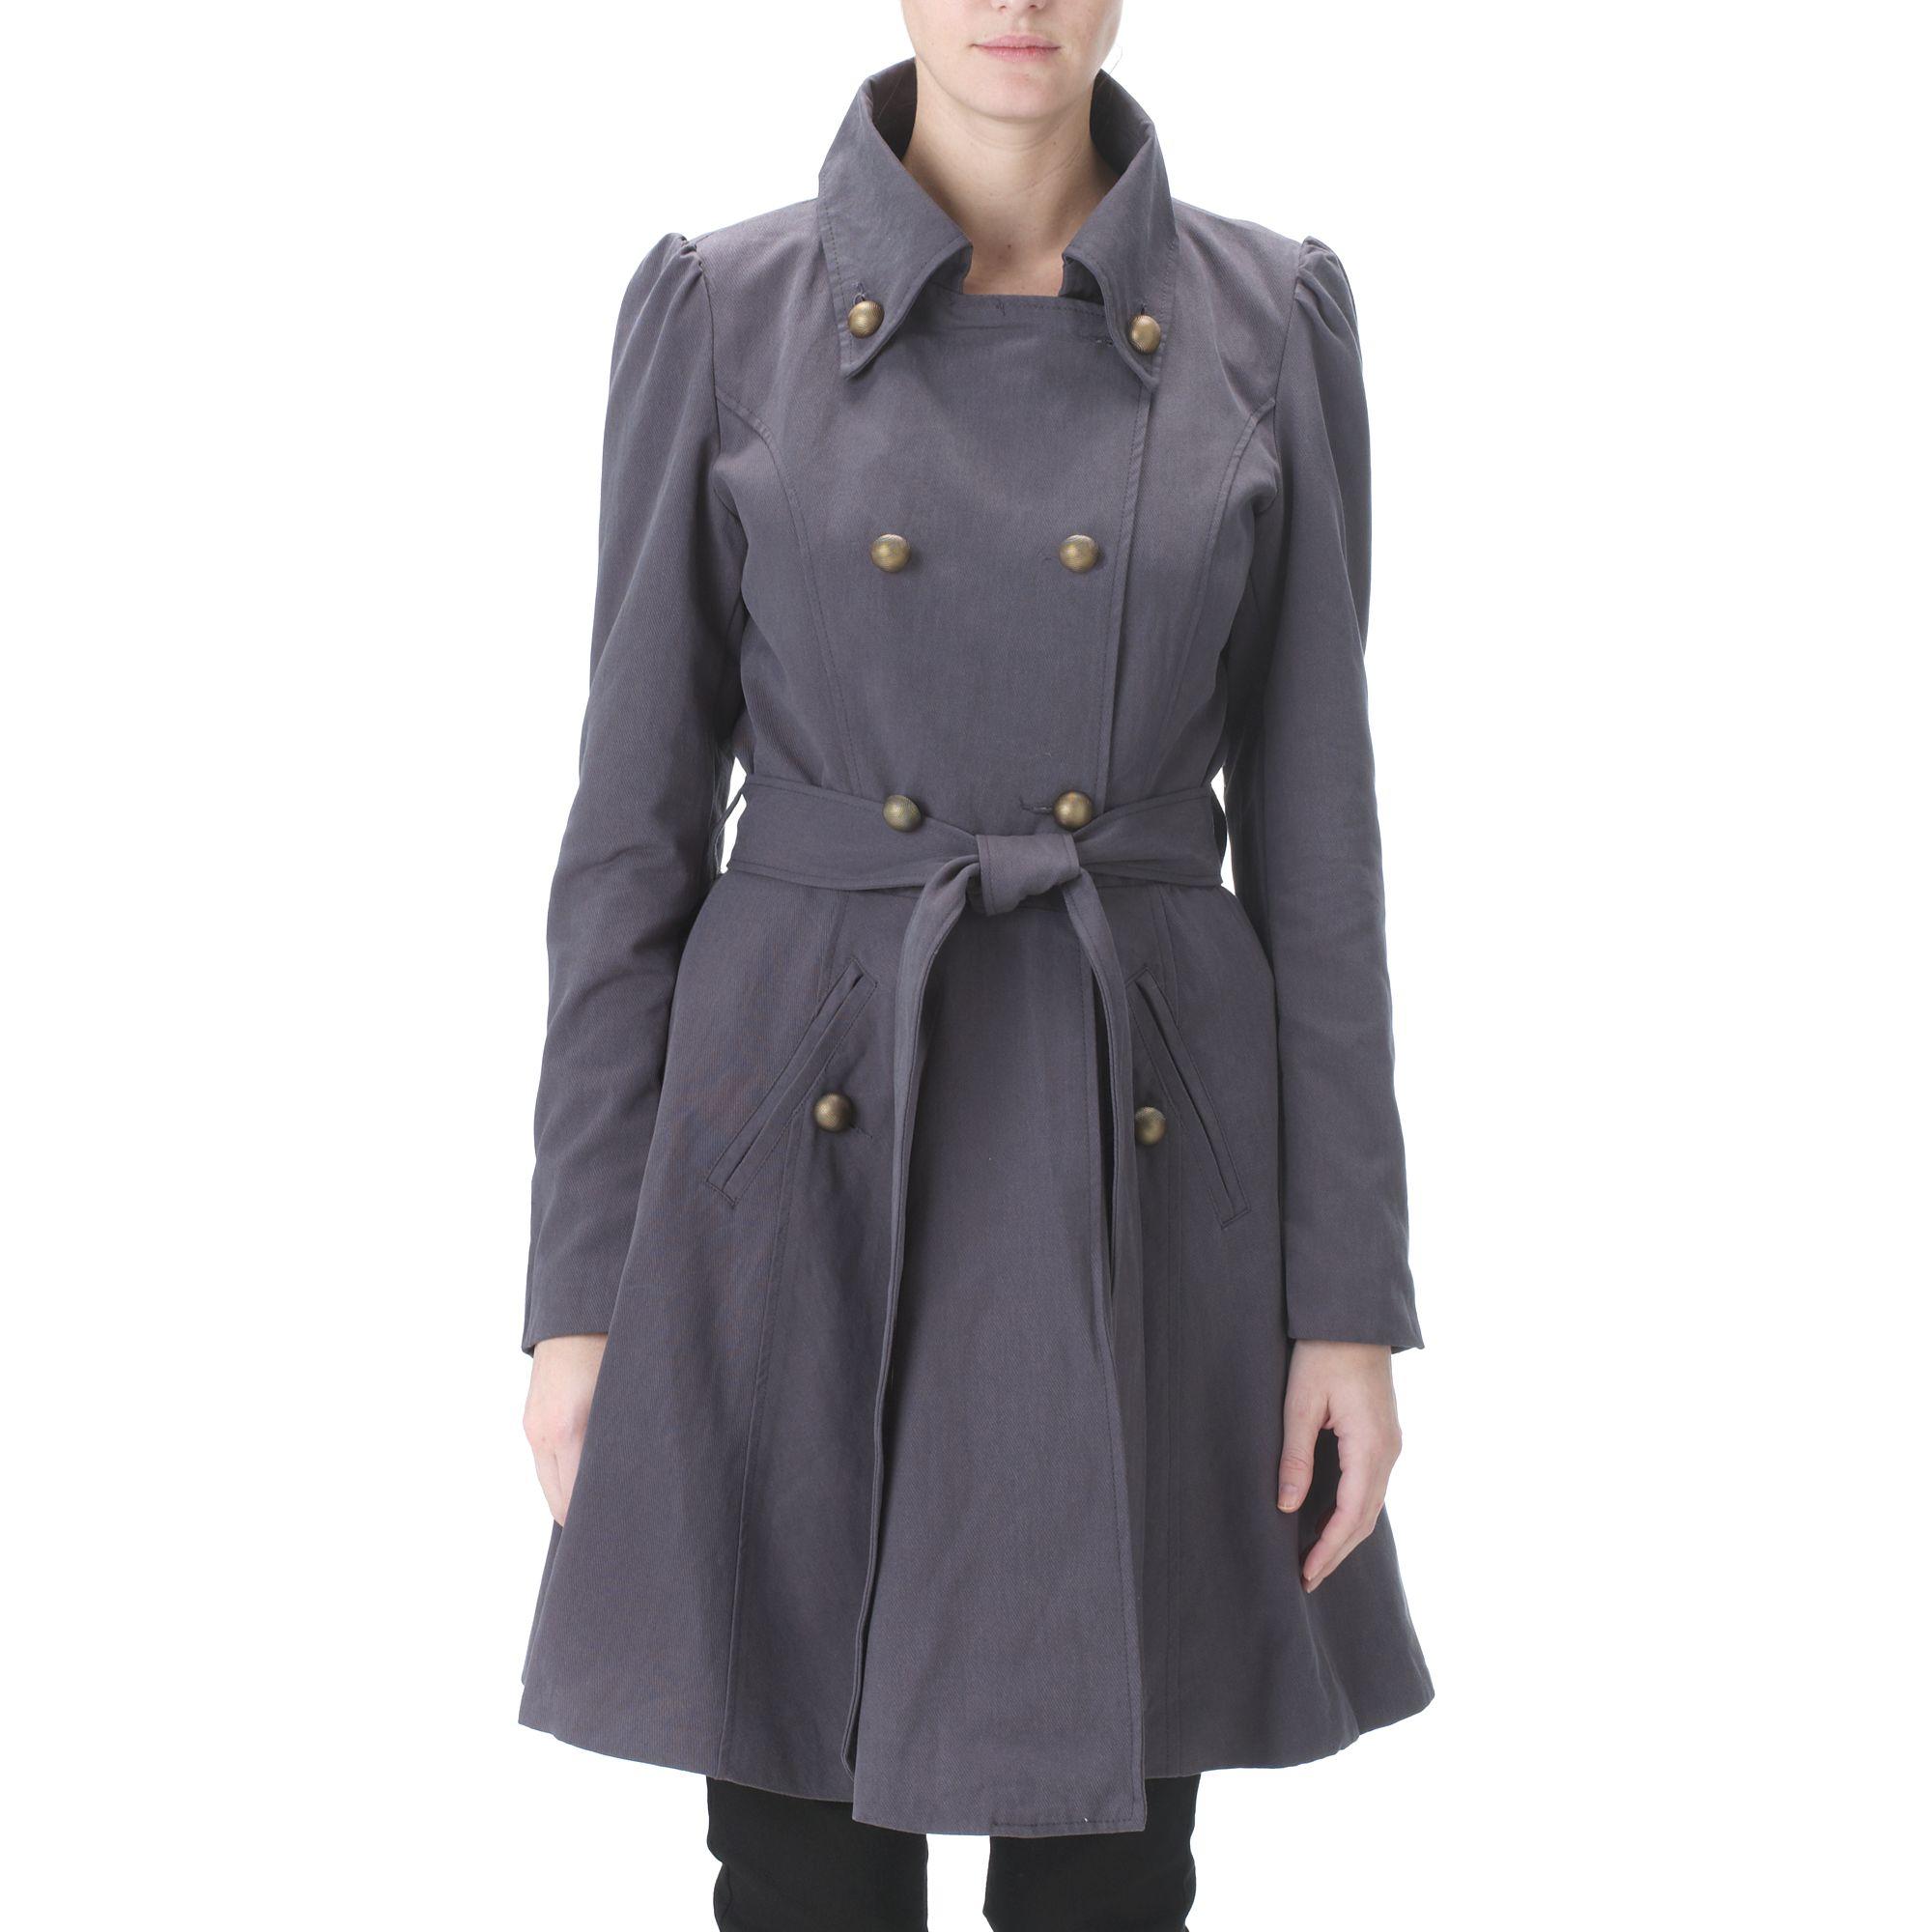 Grey Military Coat   Down Coat